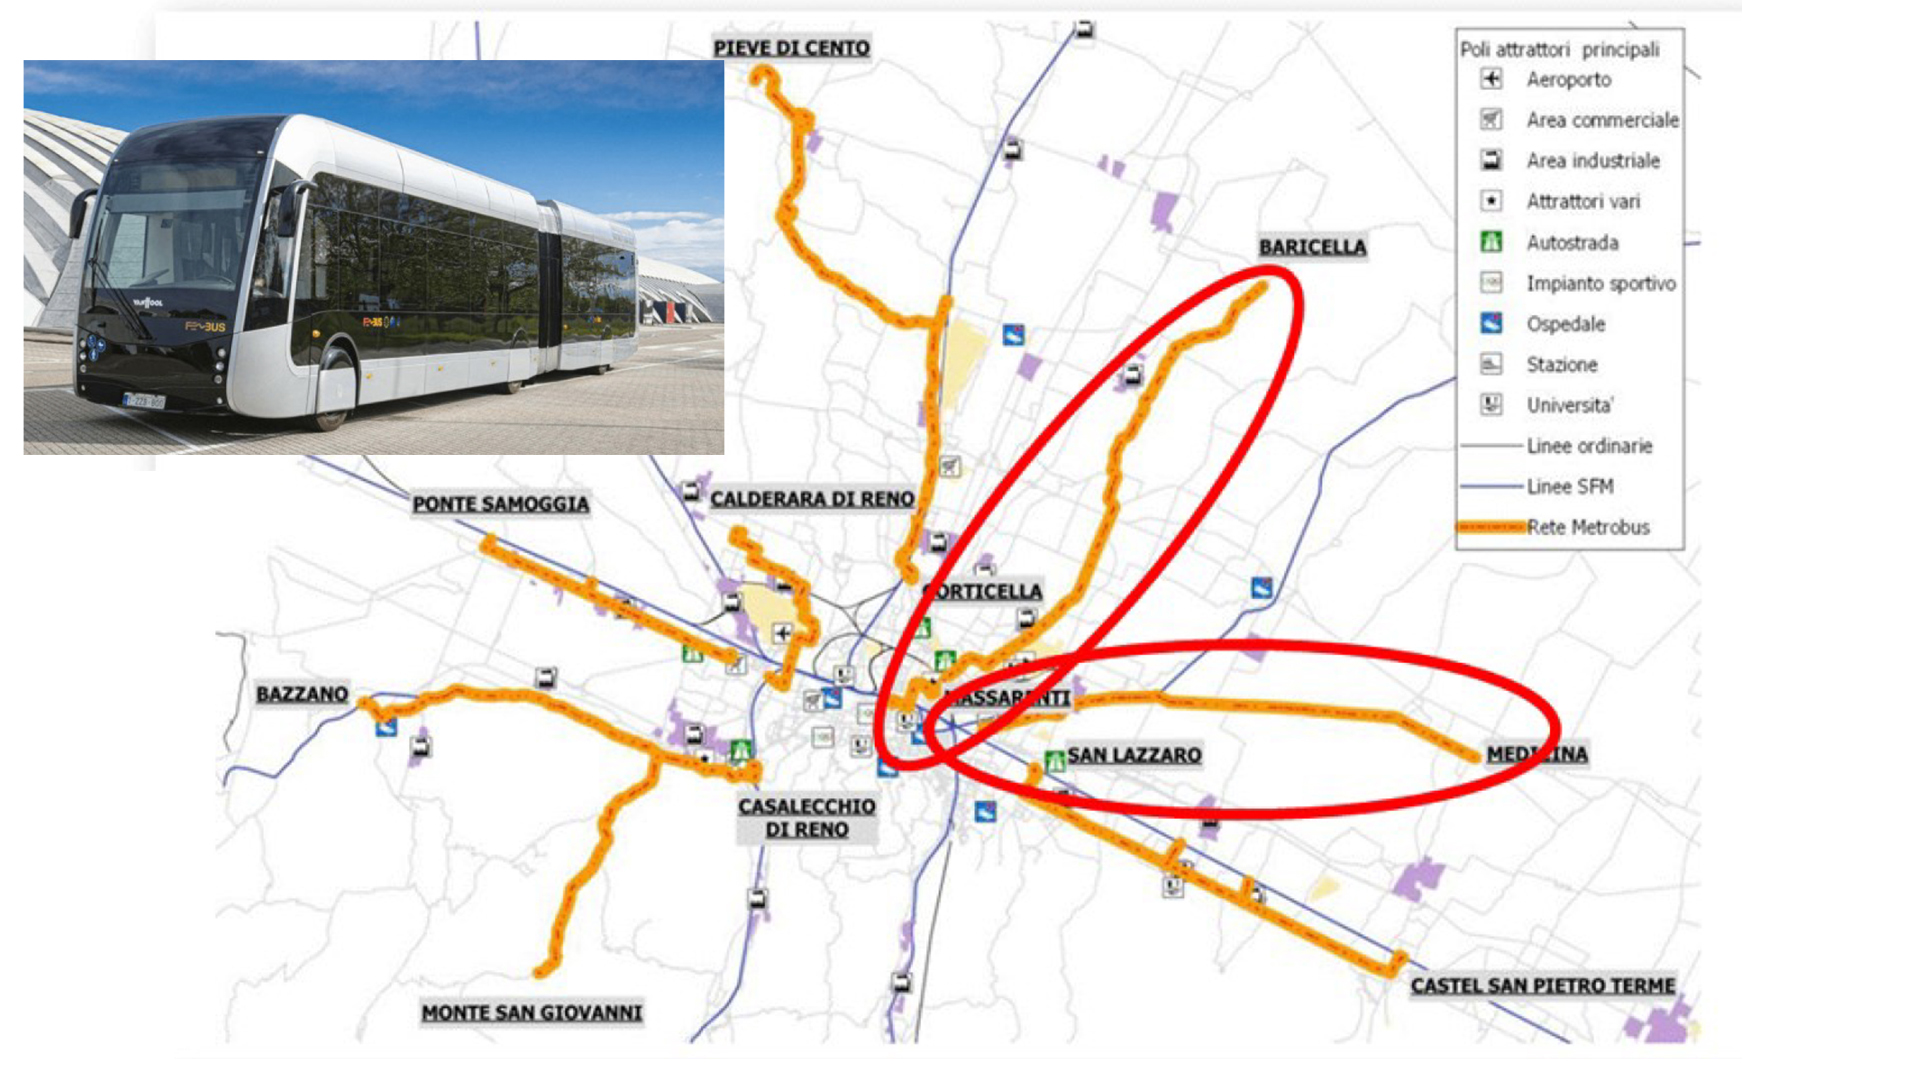 """Mobilità, ecco le prime due linee di """"Metrobus"""" elettrico: per la prima volta un sistema di trasporto rapido arriva sulle strade extraurbane"""